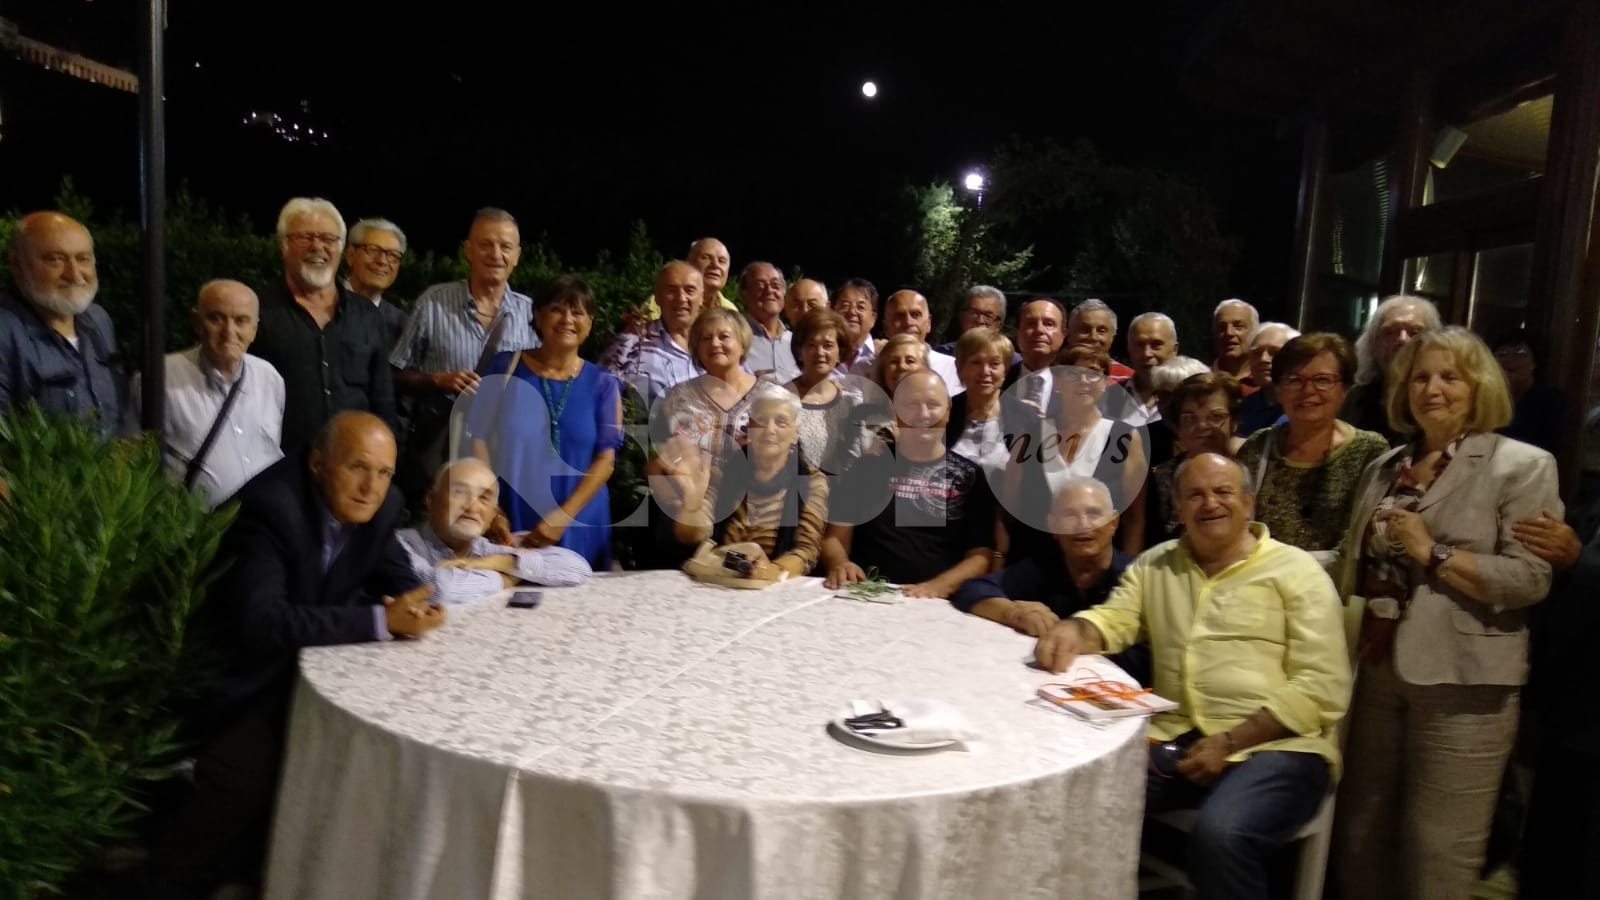 Gli ex alunni dell'istituto Ruggiero Bonghi di Assisi si ritrovano